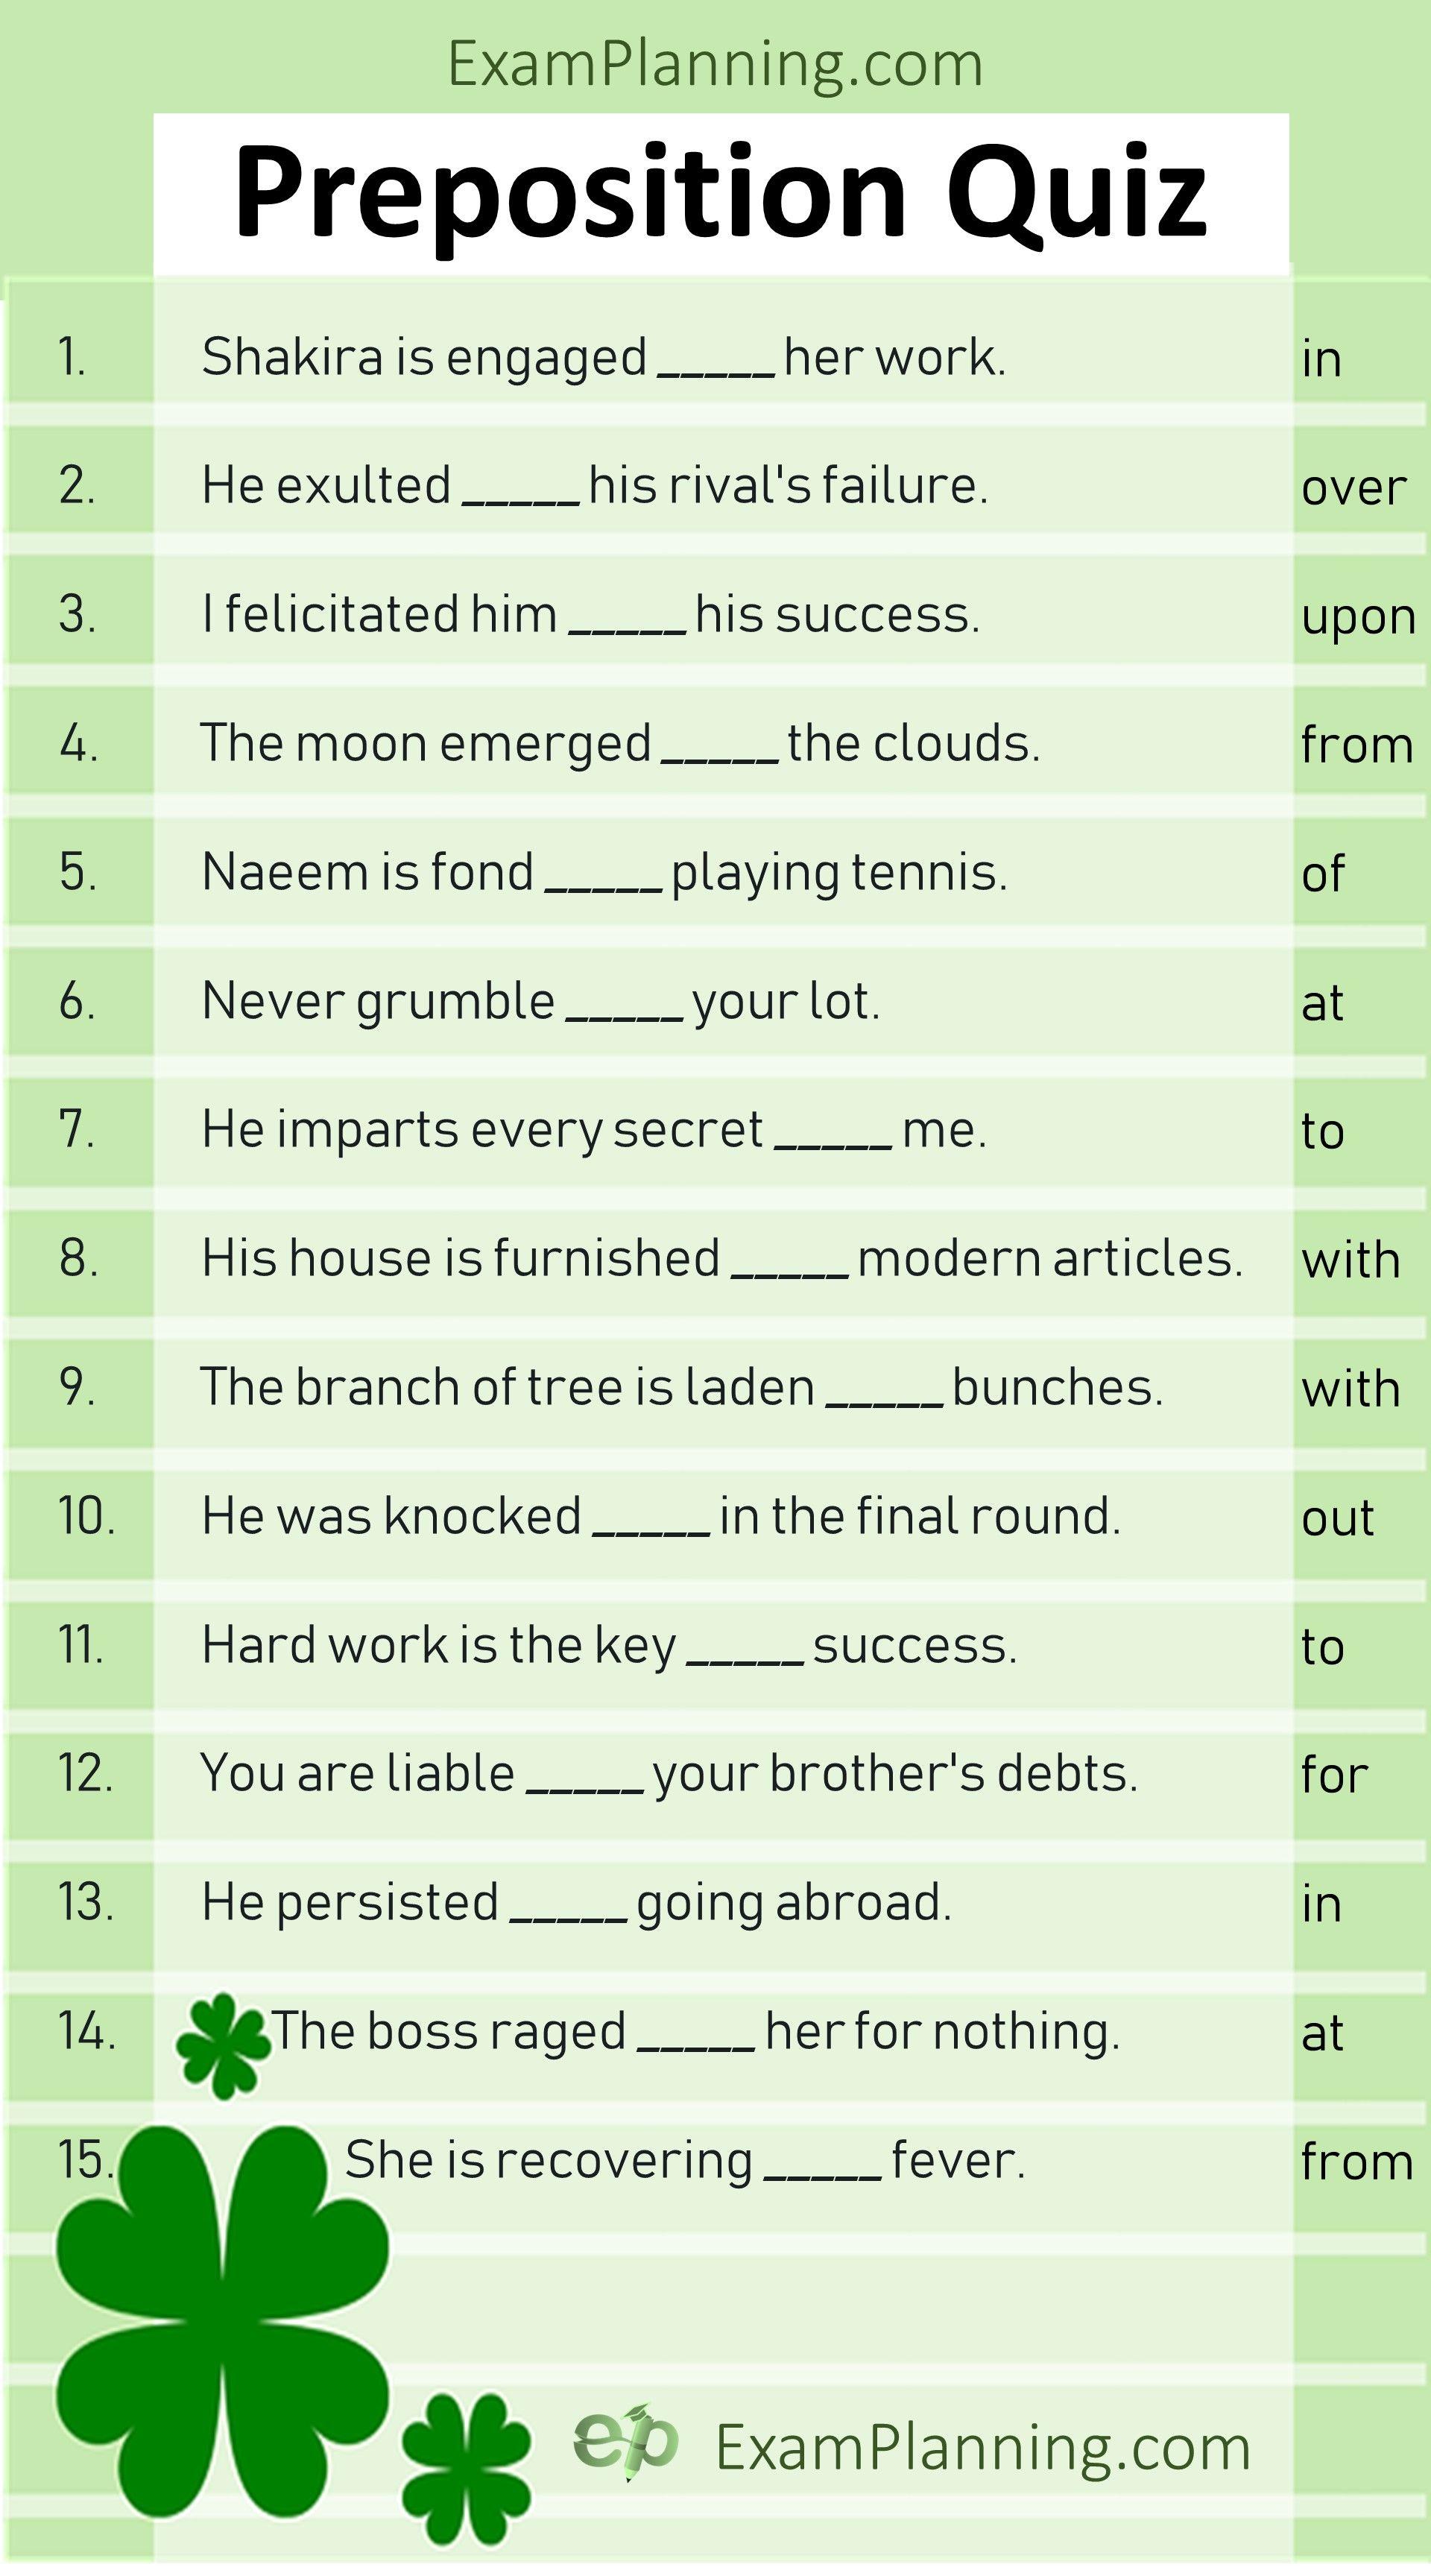 Preposition Quiz Online Test